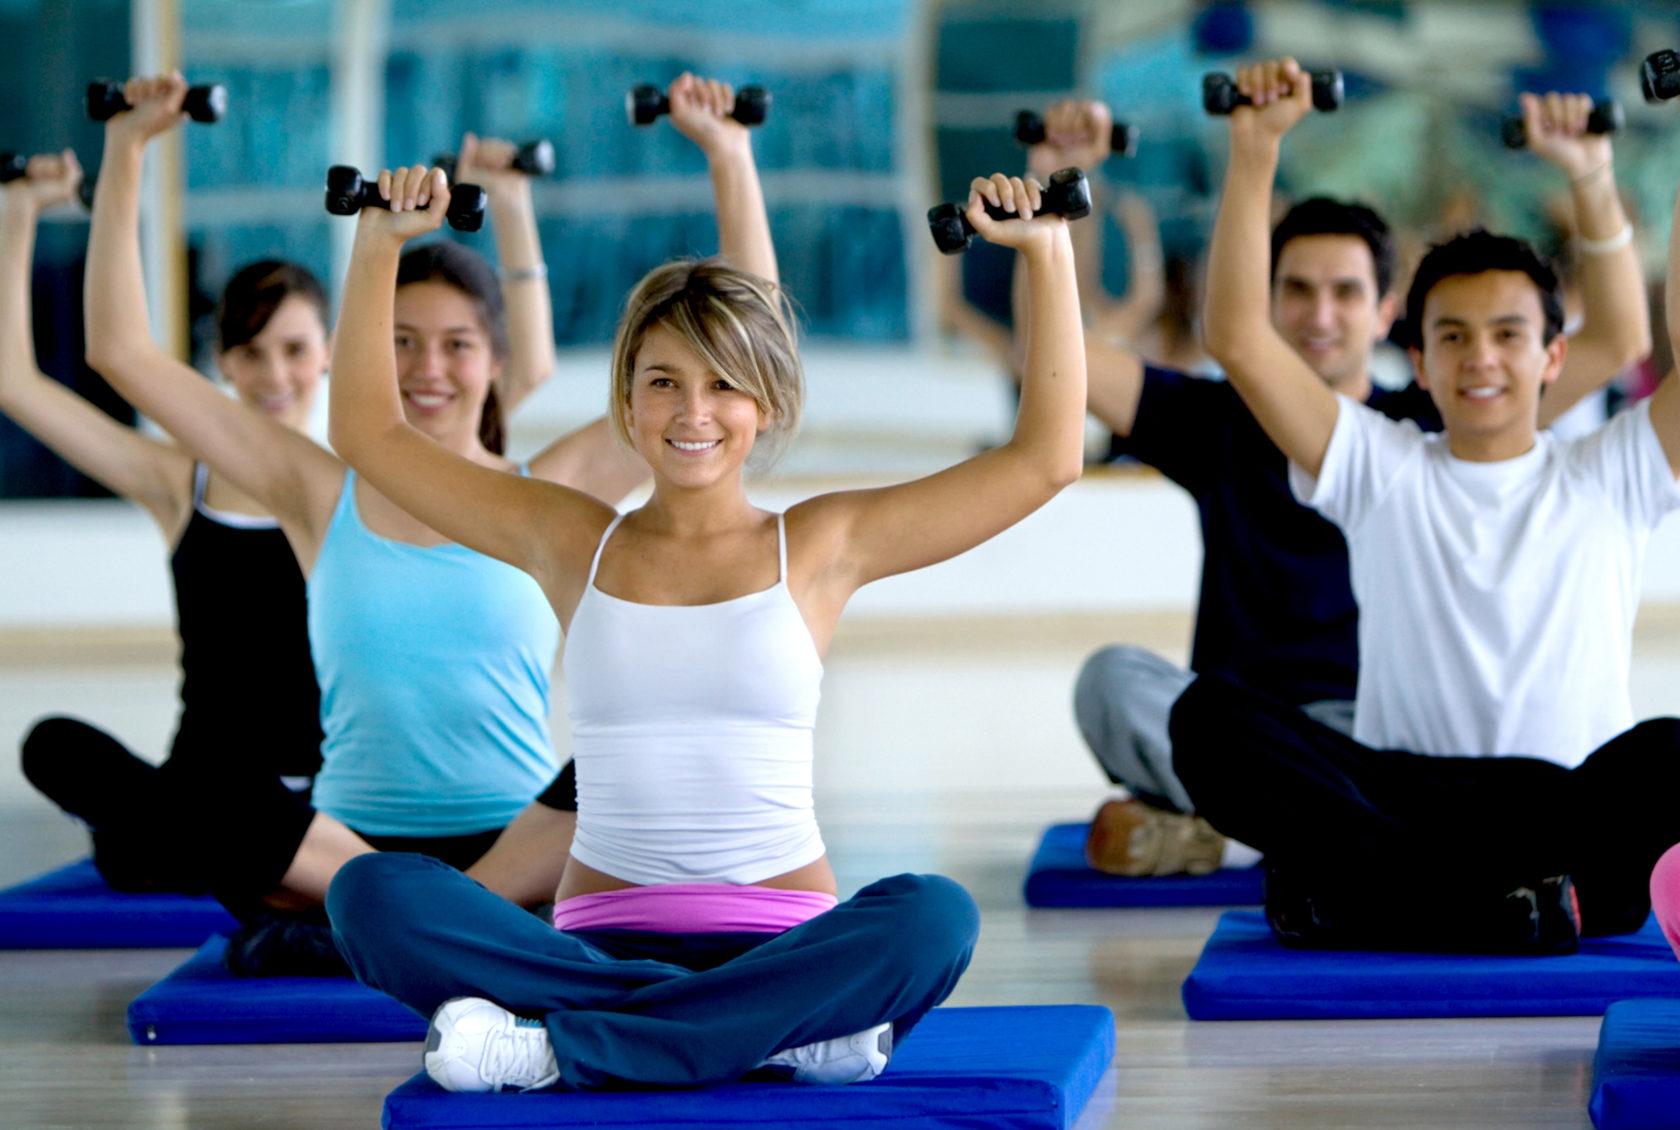 Группа Похудения В Здоровье. Роль групповых методов в похудении